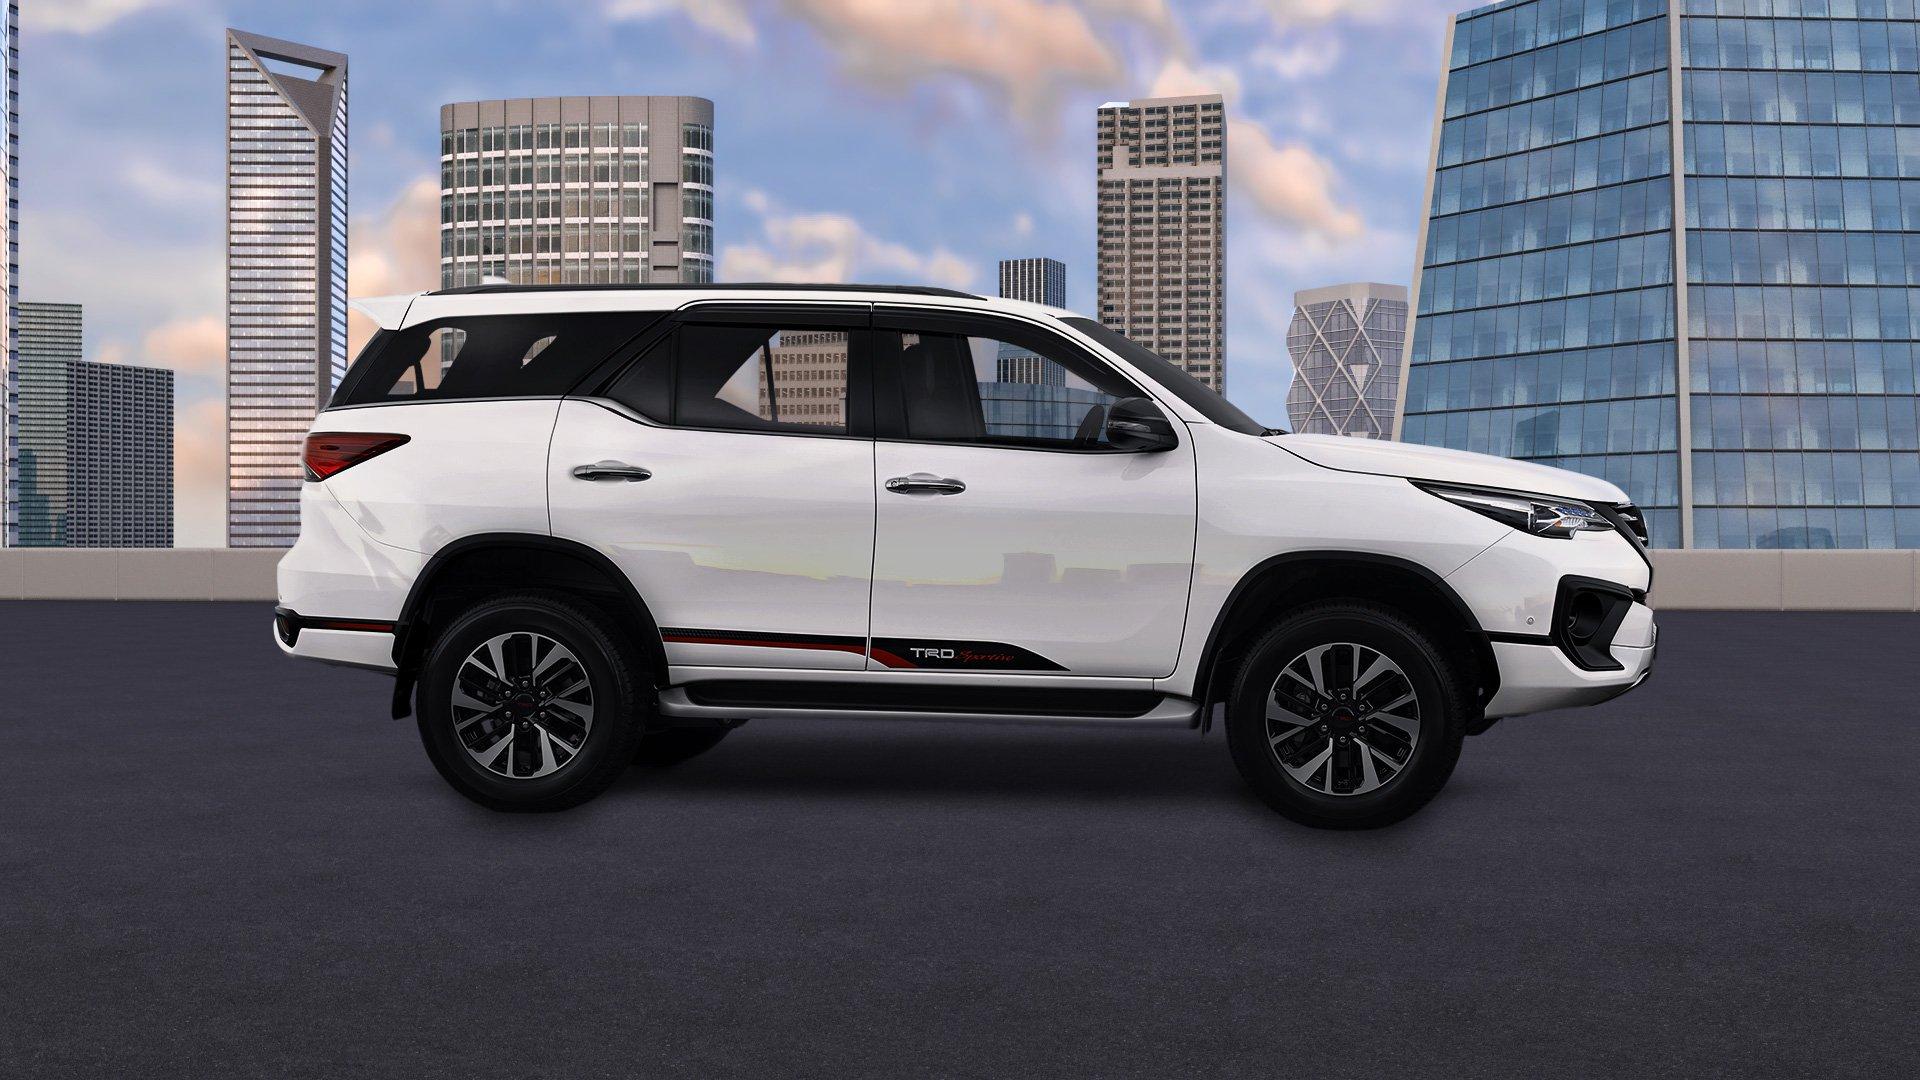 Harga Toyota Fortuner 2019 Masih Layak Dibeli Carmudi Indonesia